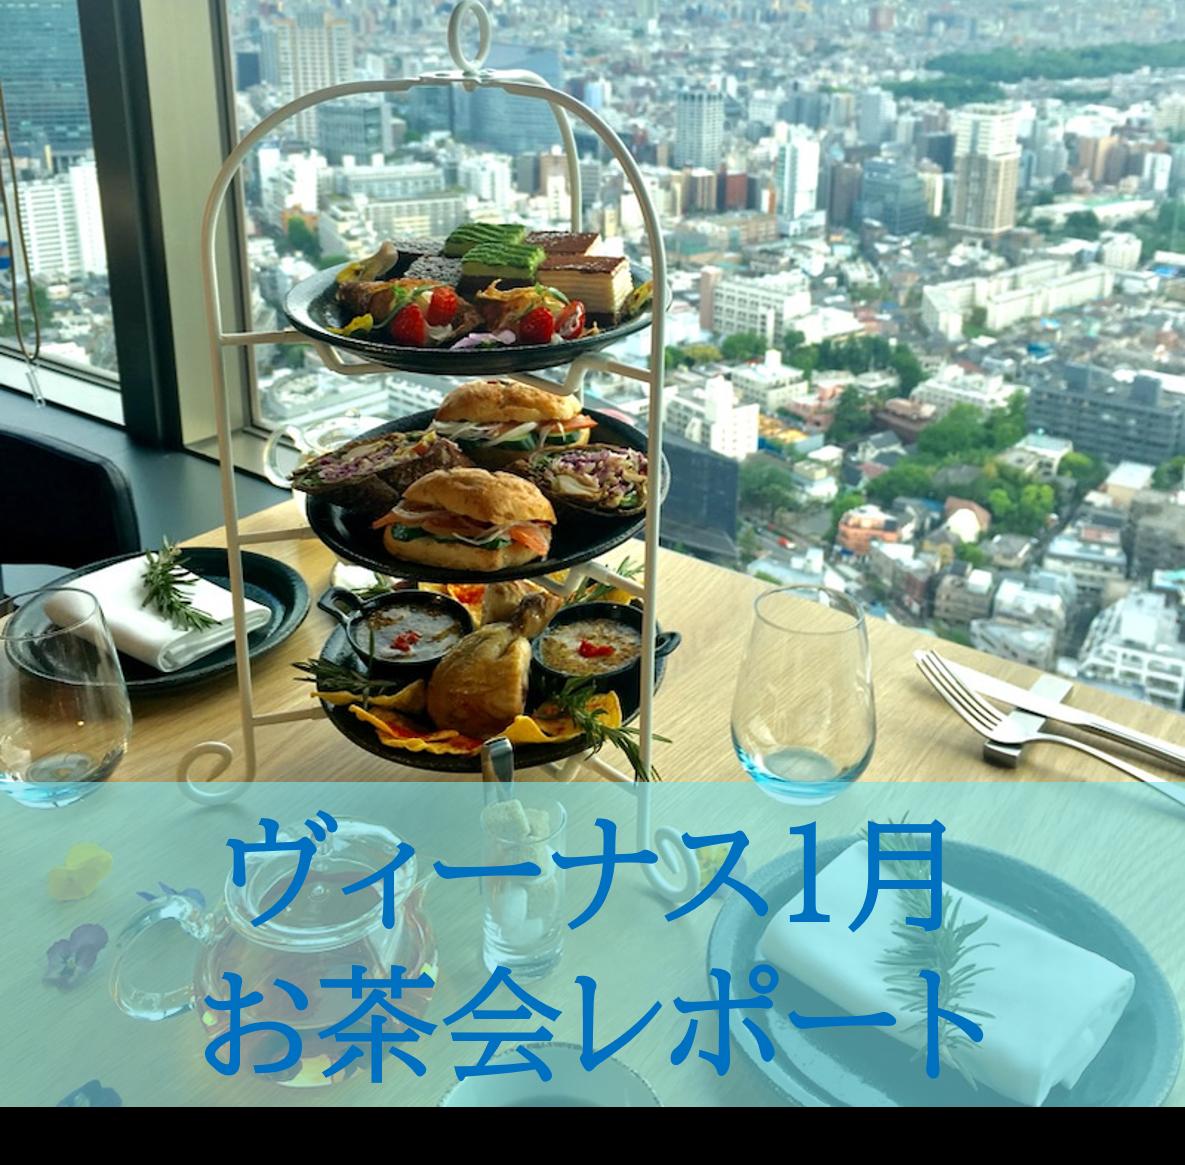 【1月】ヴィーナスアフターヌーンティーパーティー@恵比寿ヴィーナス1月お茶会